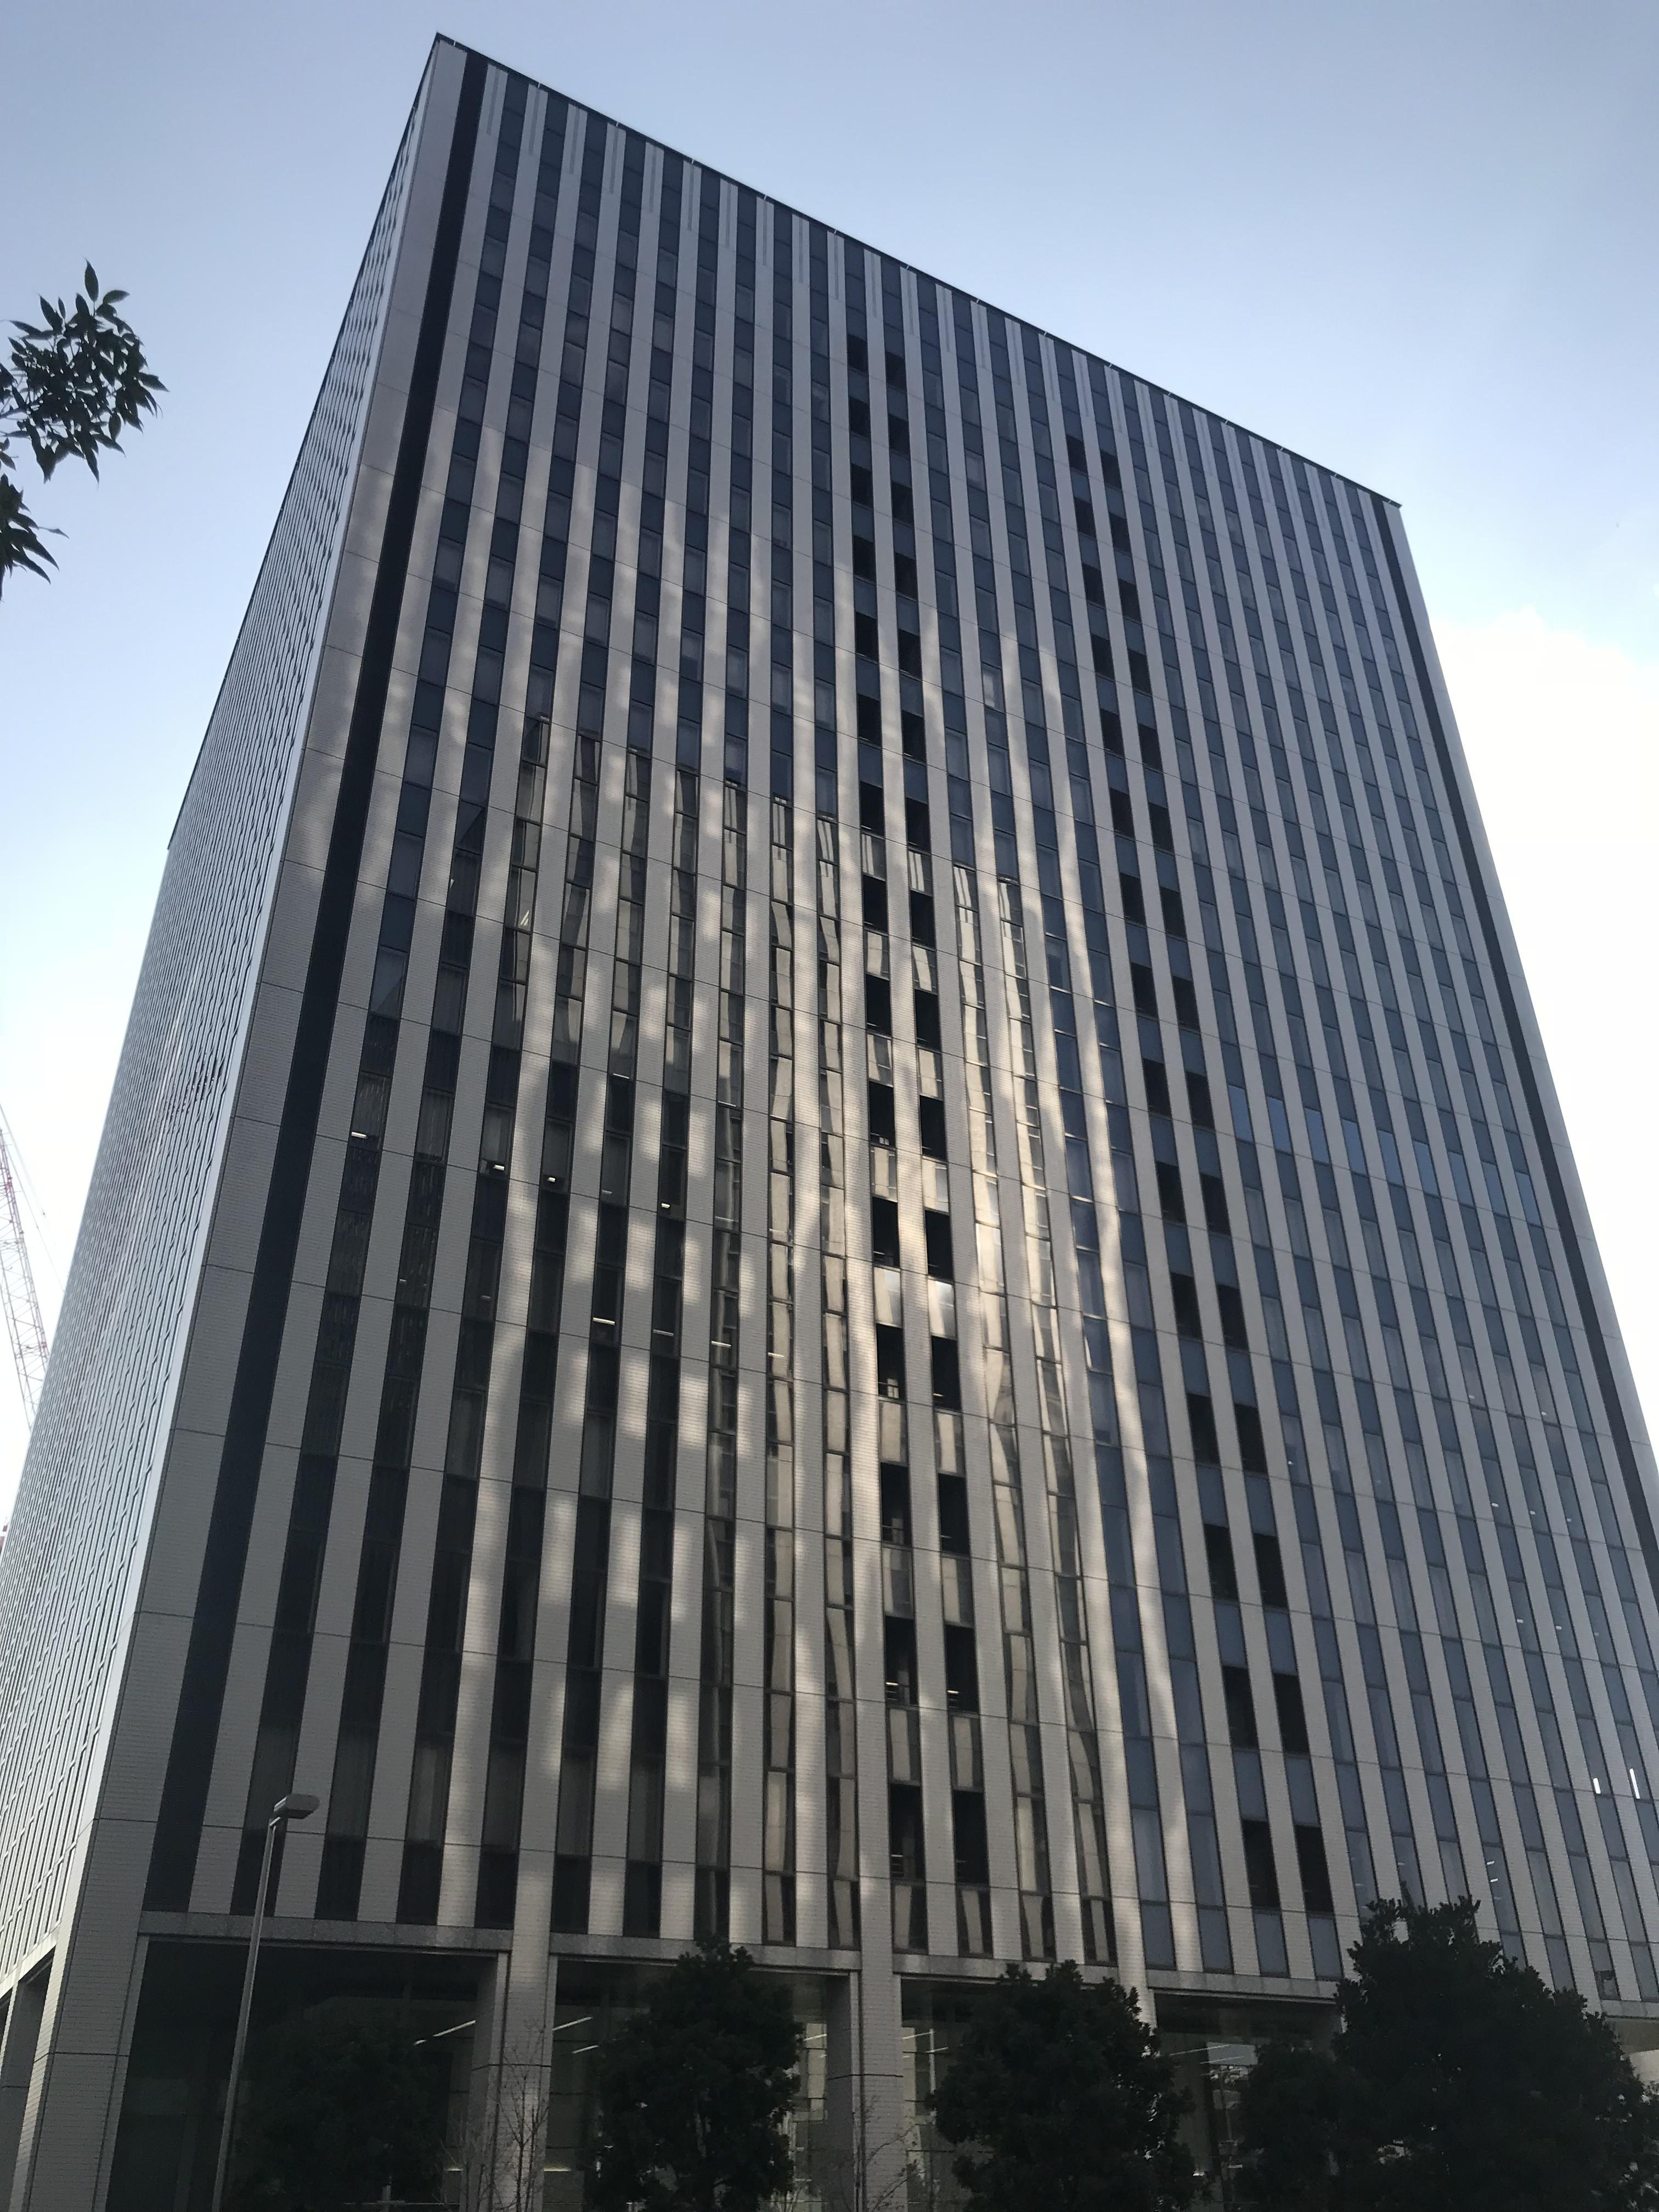 品川シーサイドサウスタワー、東京都品川区東品川4-12-1、品川シーサイド駅 徒歩2分